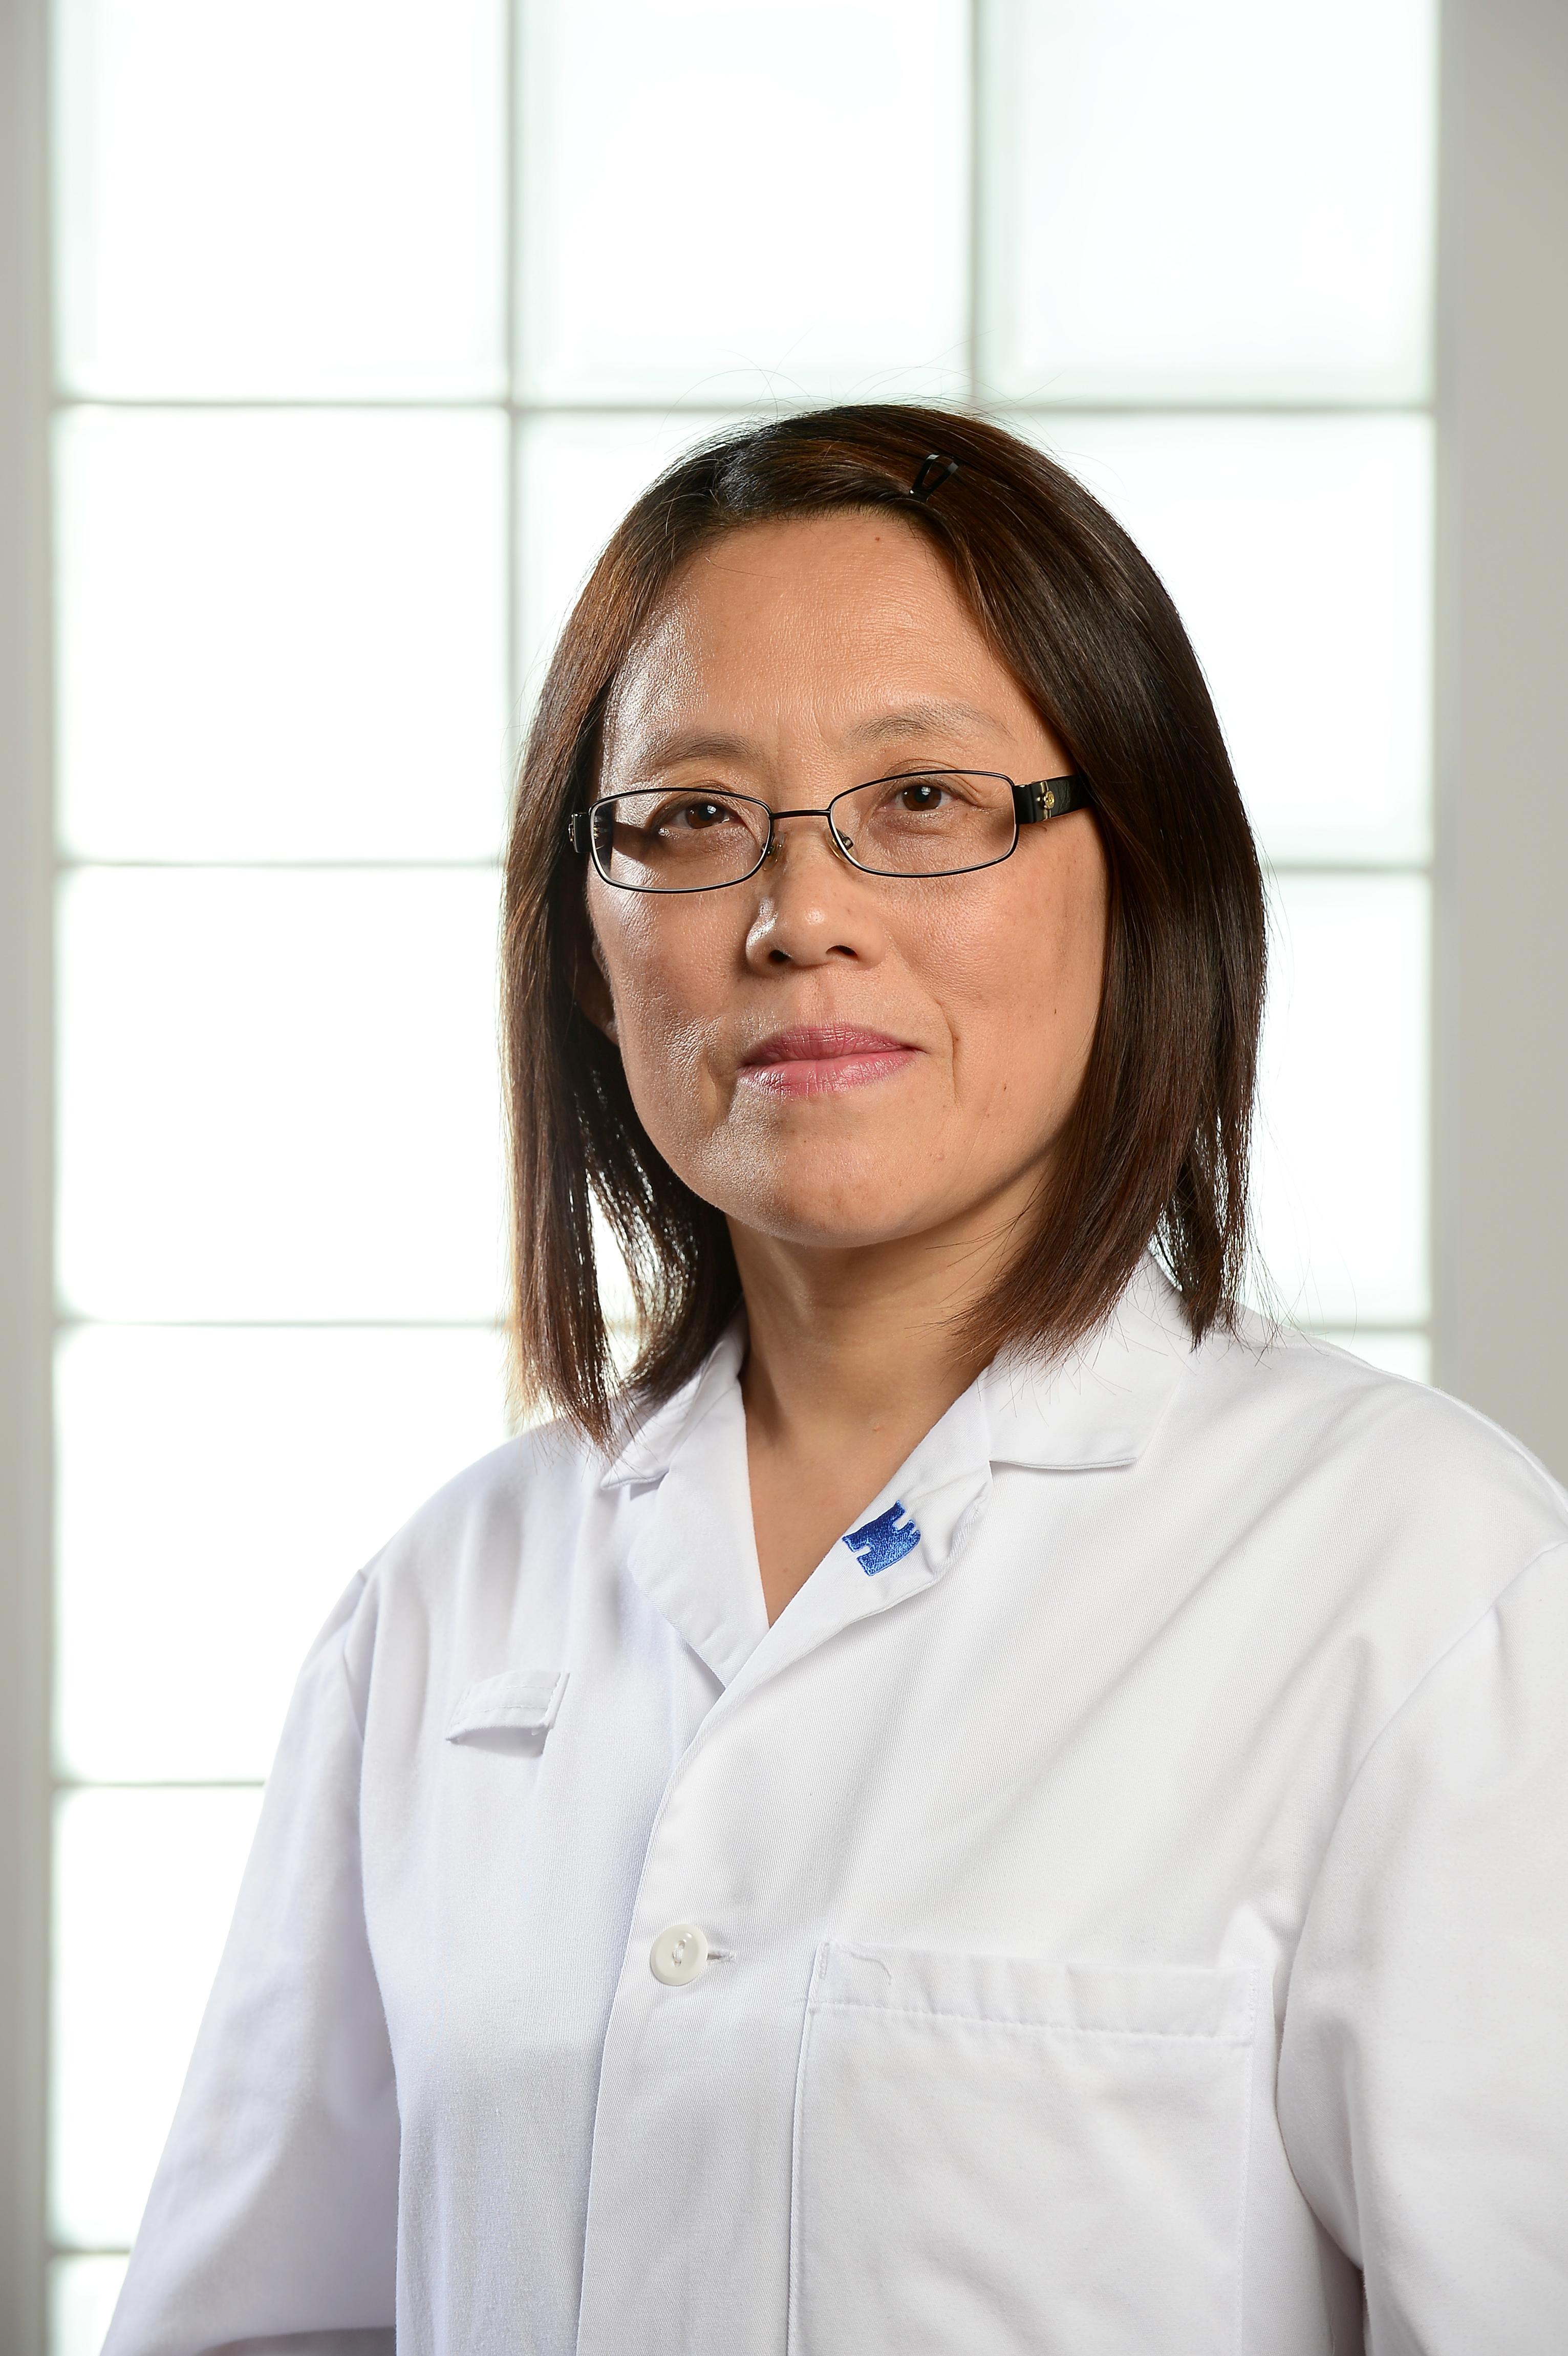 Dr Zhang